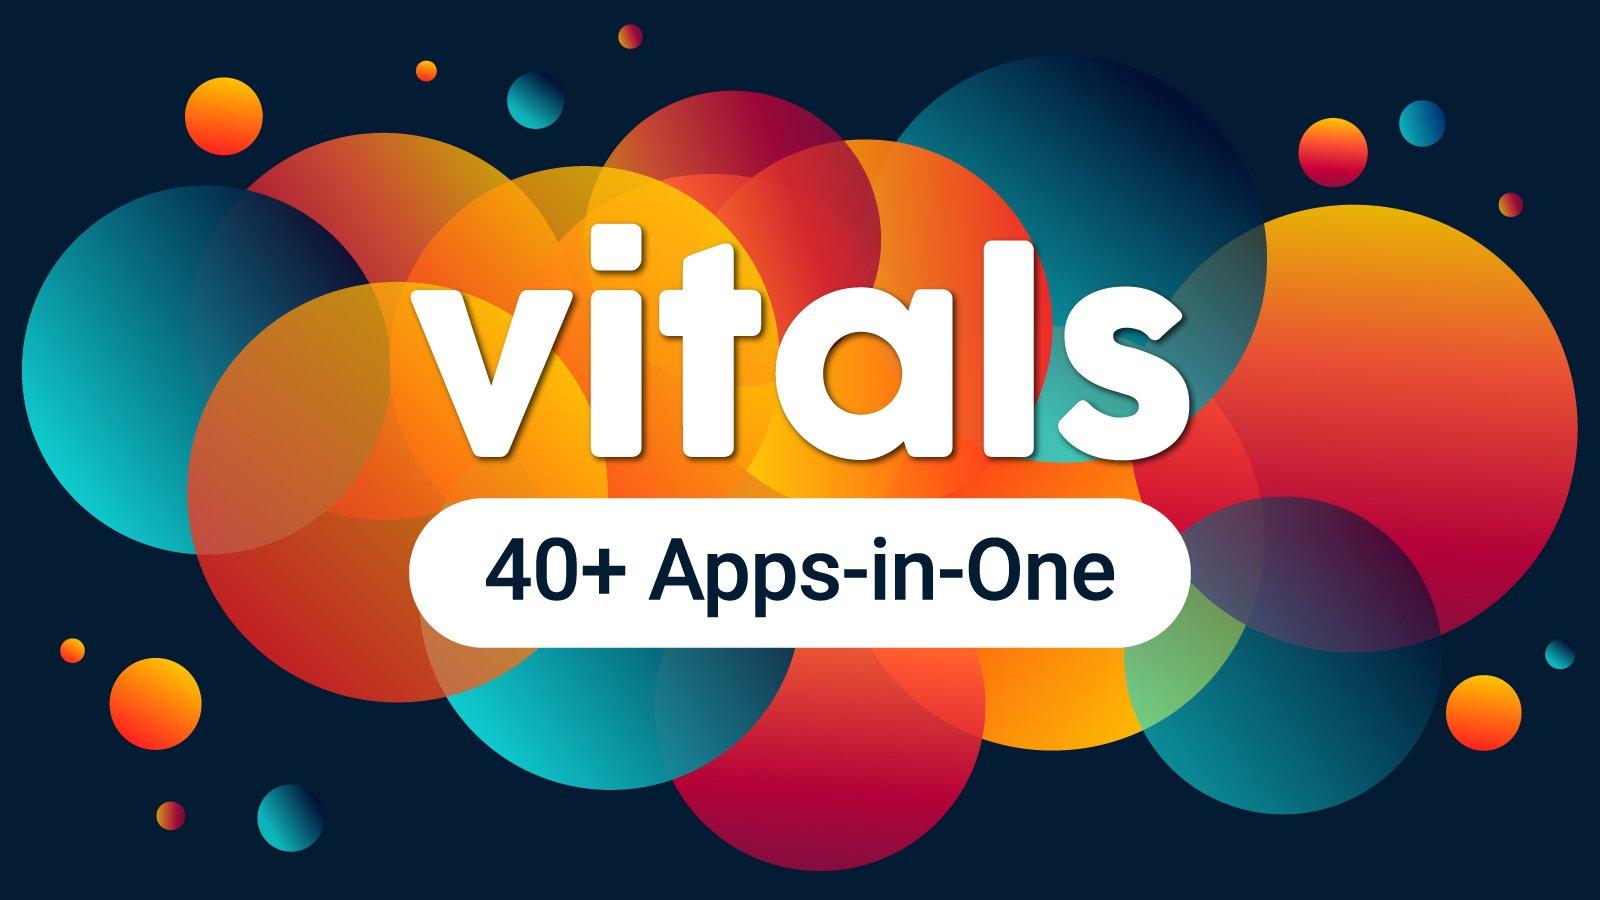 VITALS - Product description generator